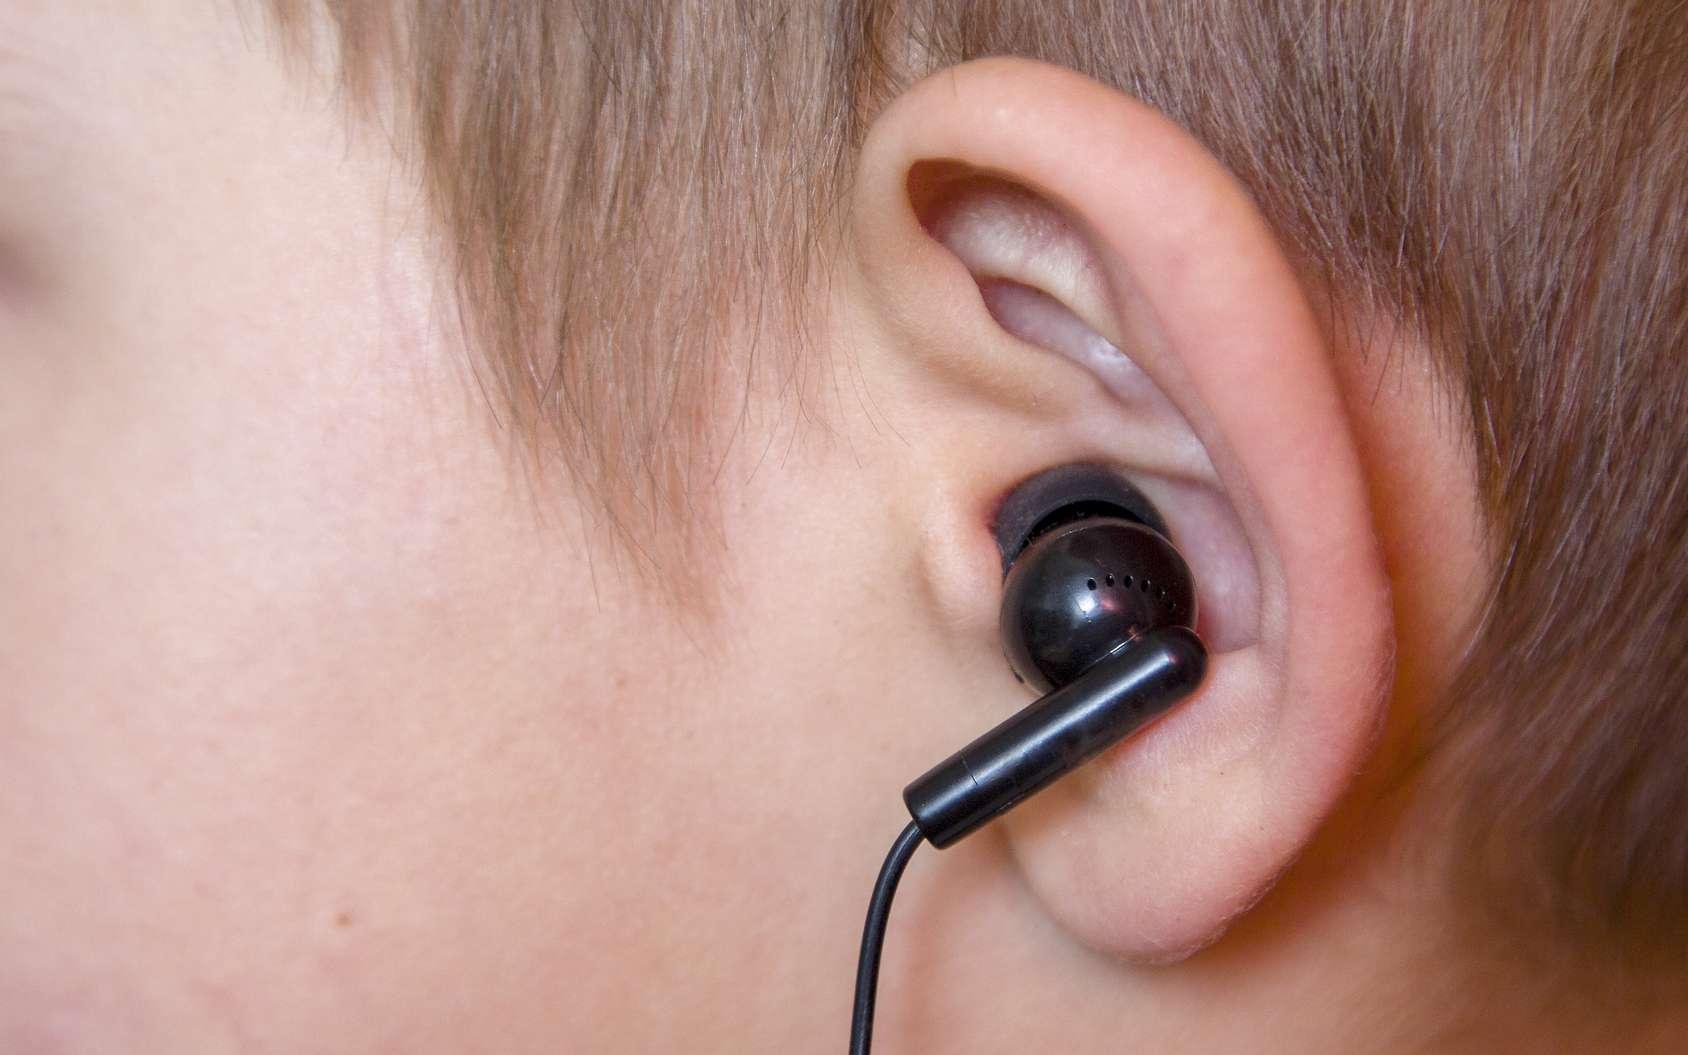 L'écoute prolongée de musique même à faible volume peut entraîner une atteinte auditive. © vitec40, Fotolia